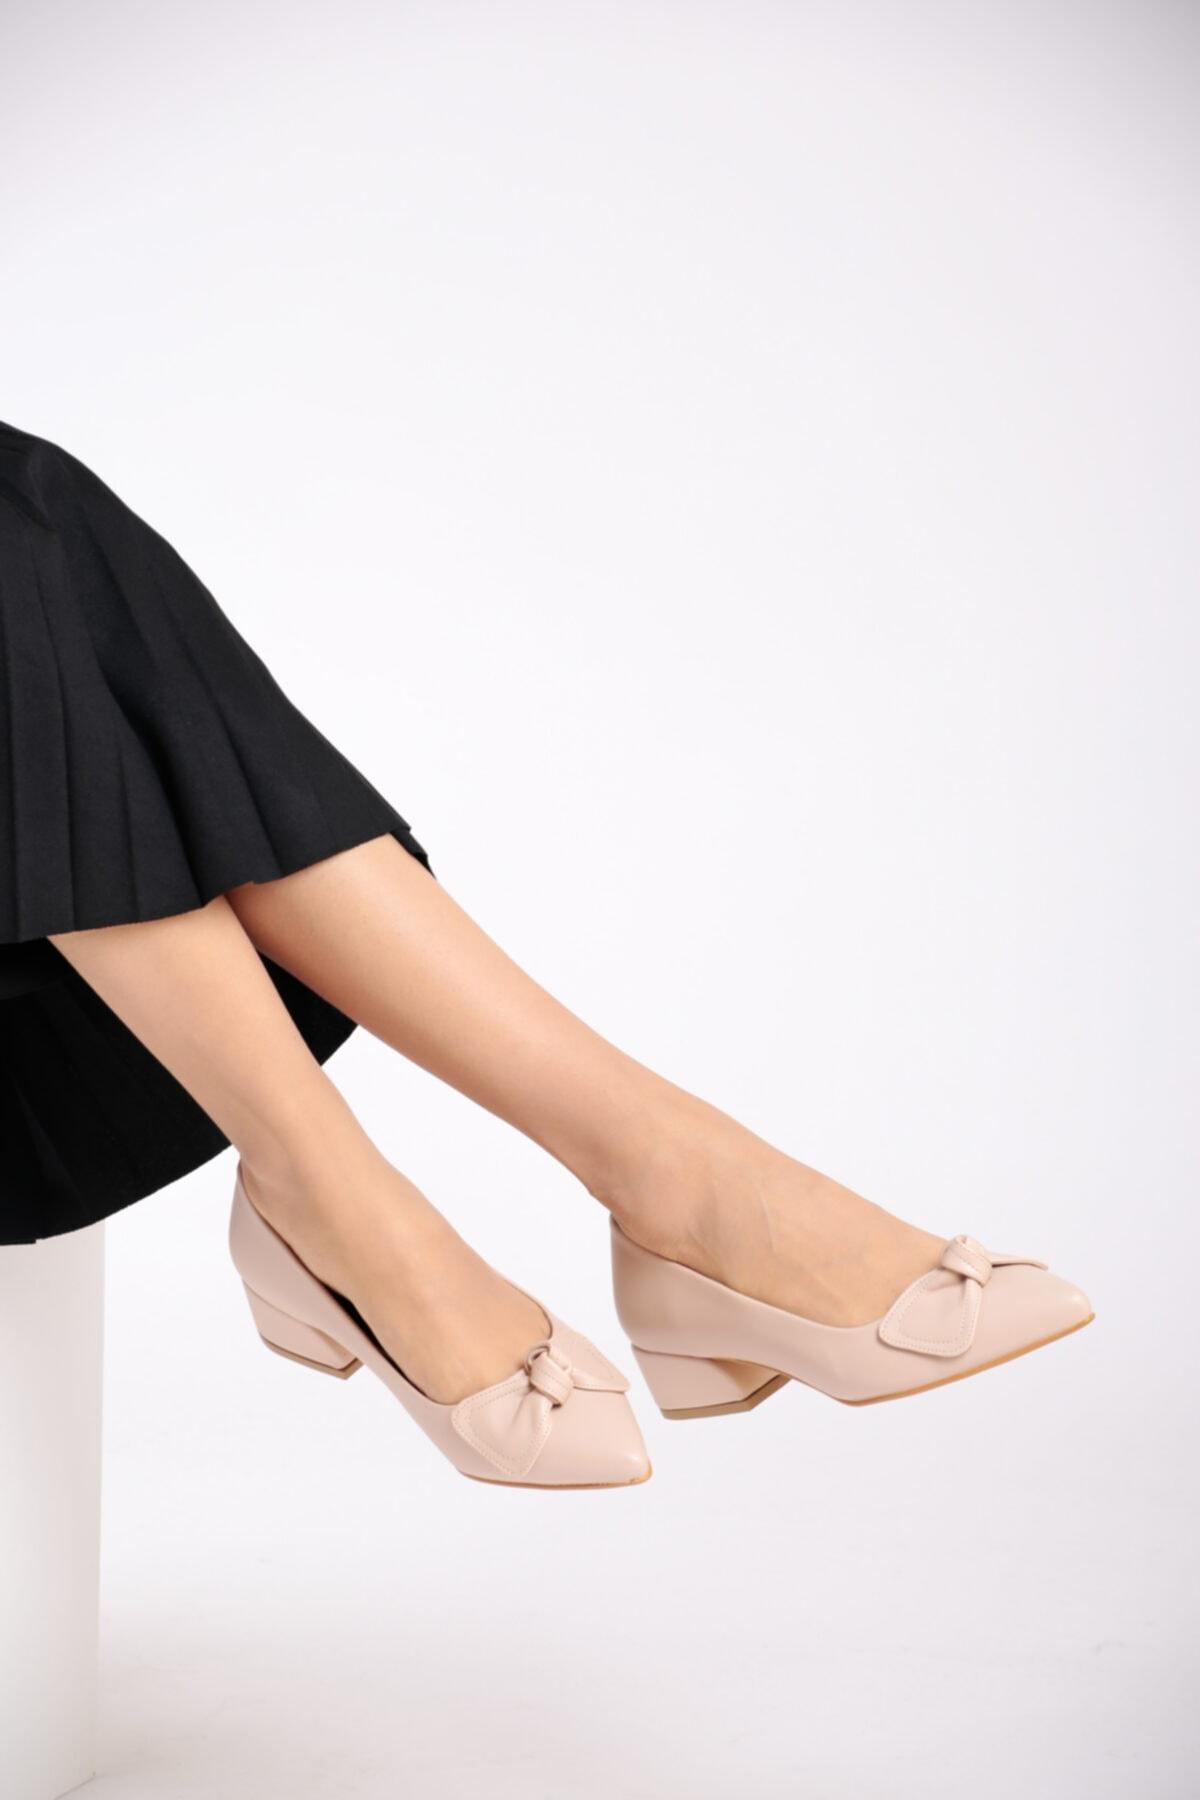 Bej Cilt Bağlama Fiyonklu Klasik Kadın Ayakkabı Kısa Topuk